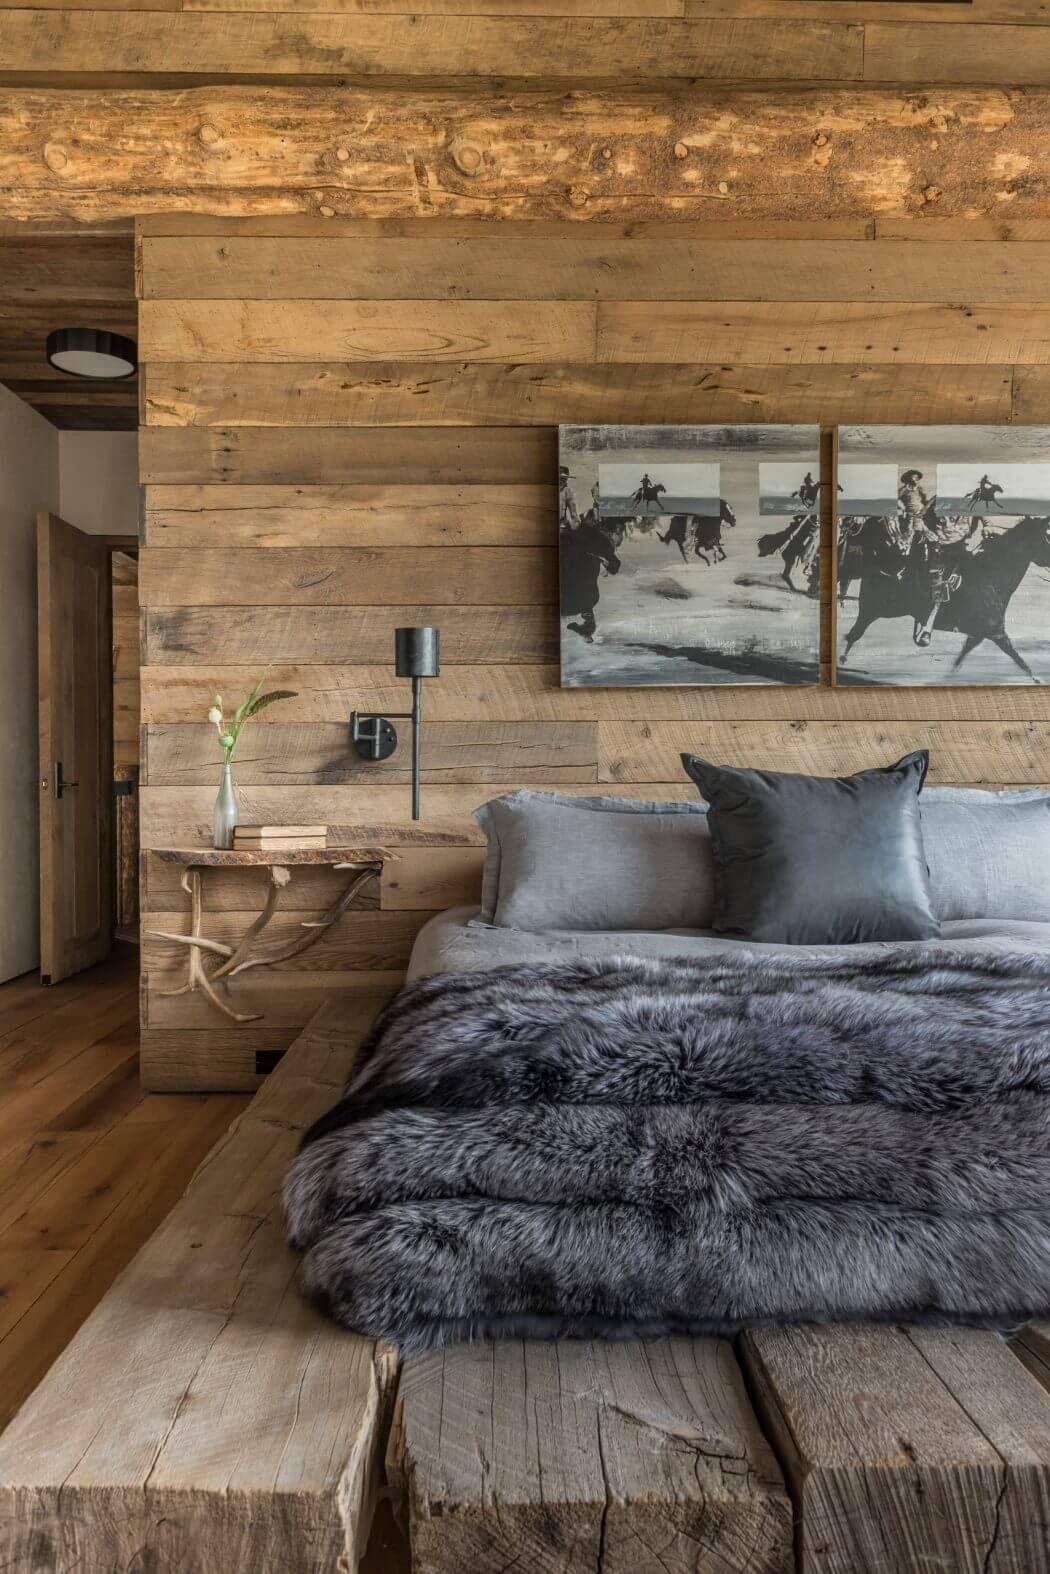 Fesselnd Gemütliches Schlafzimmer, Kaminzimmer, Chalet Möbel, Altholz, Wohnung  Möbel, Rustikal, Inzell